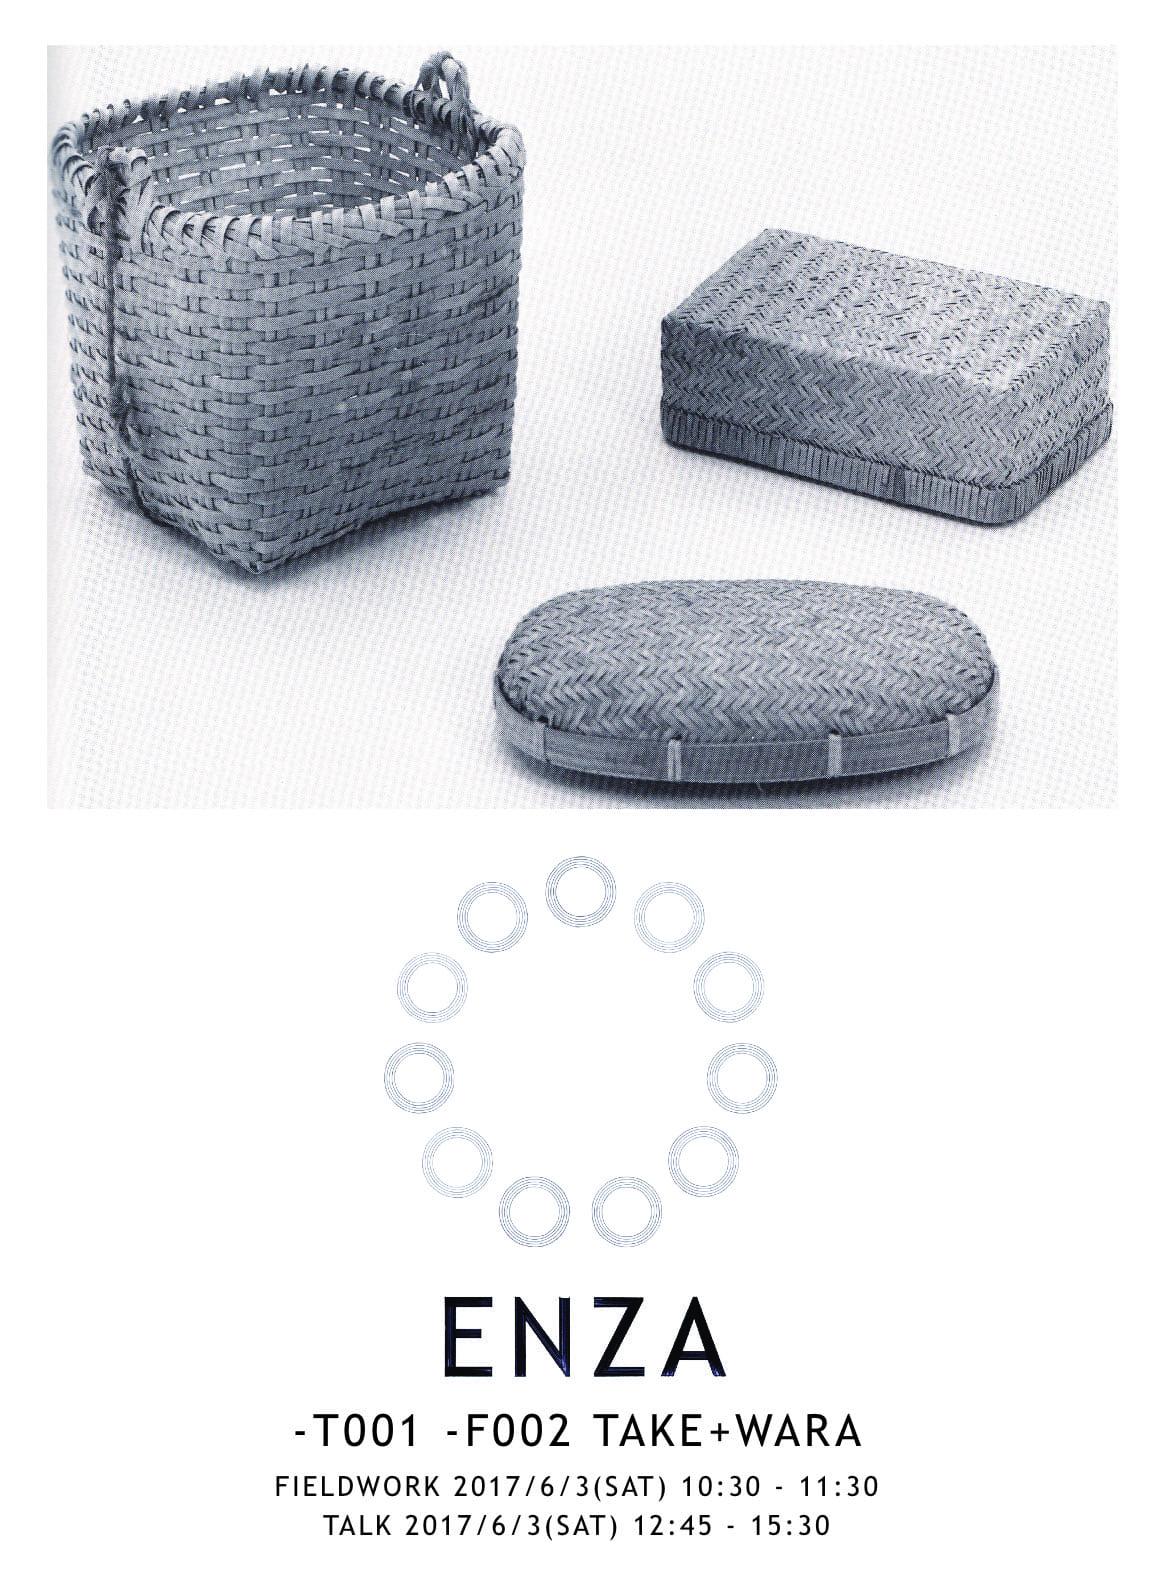 ENZADMF001 3